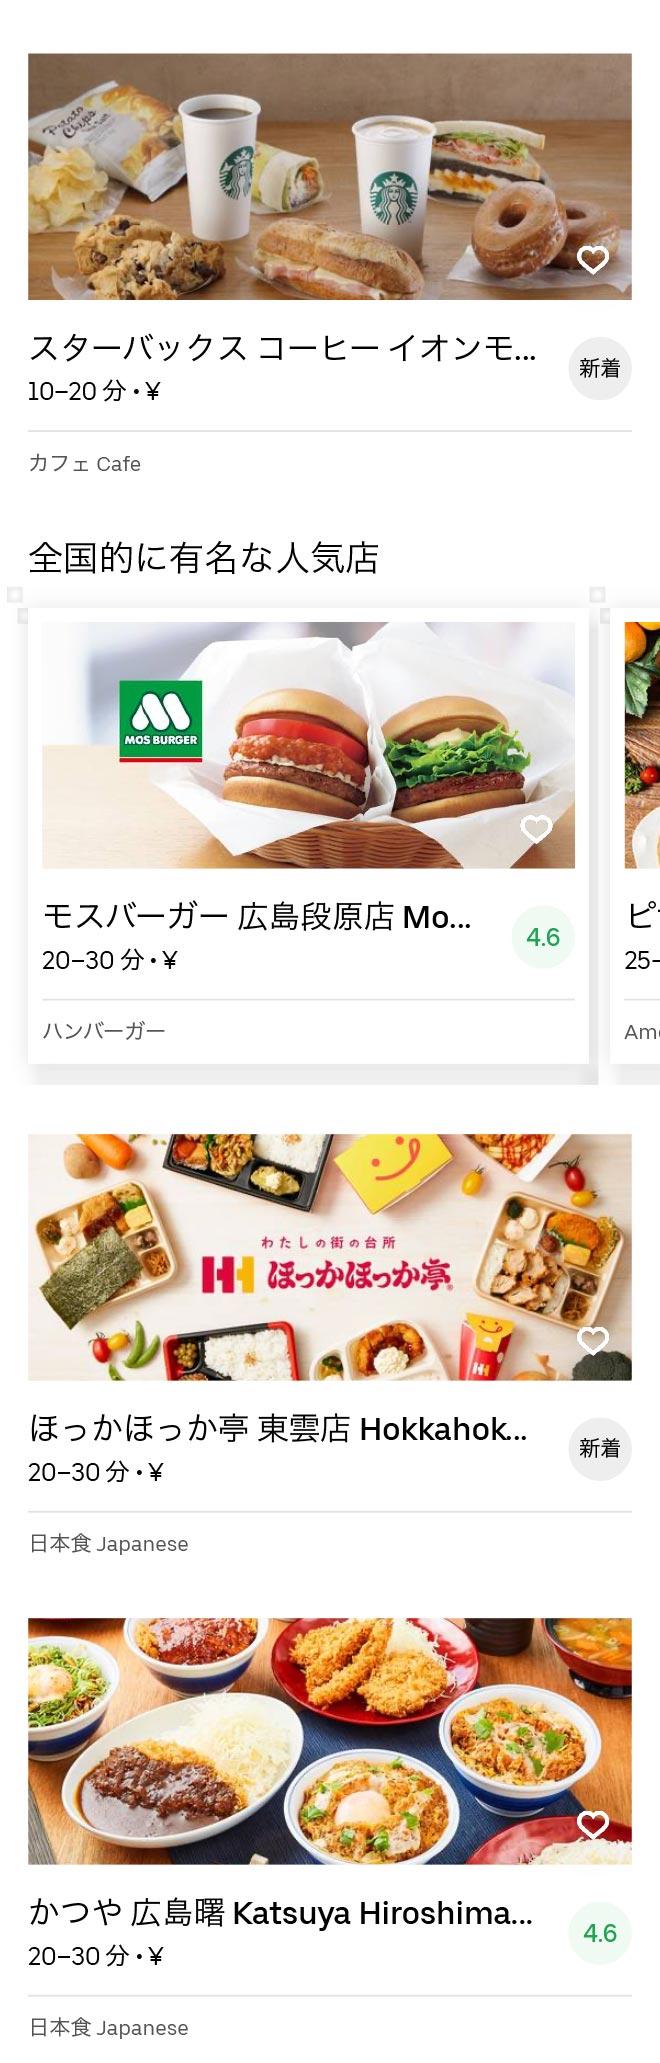 Hiroshima mukainada menu 2005 02